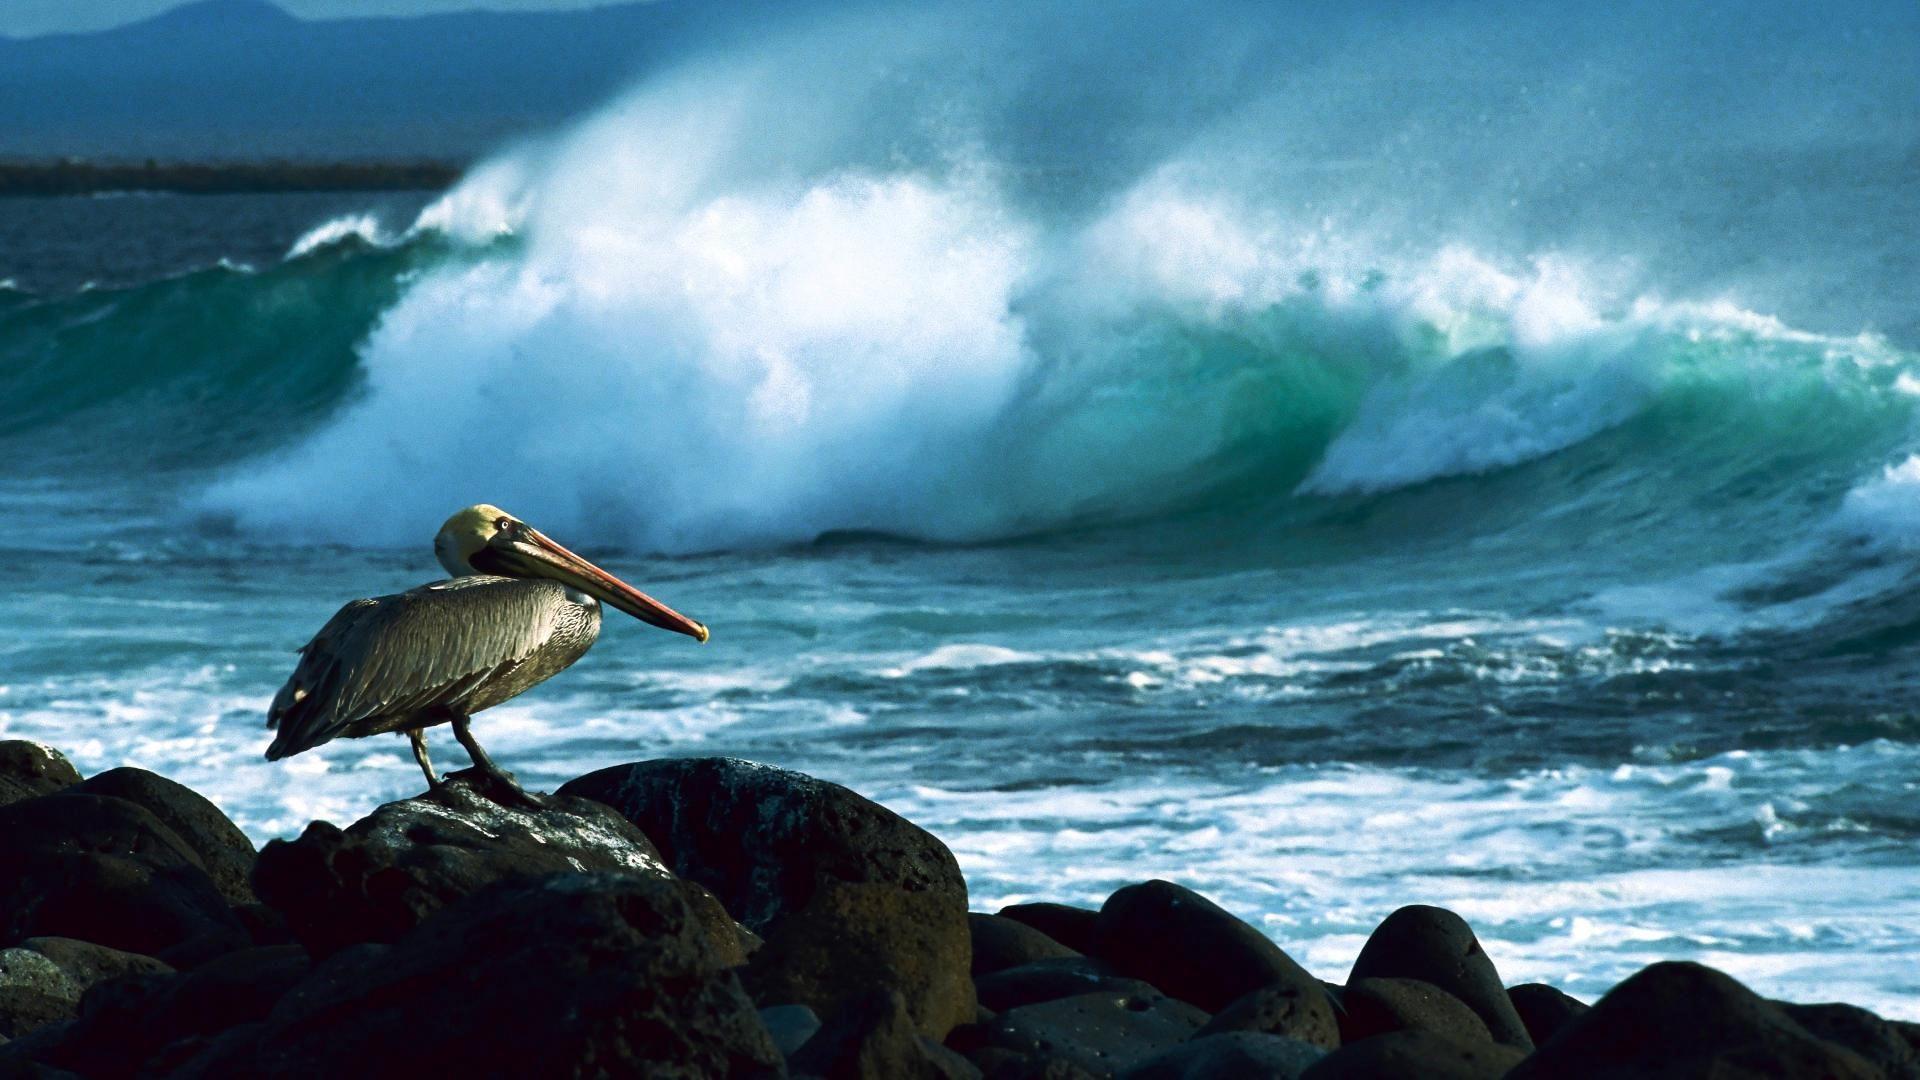 Pelican good wallpaper hd